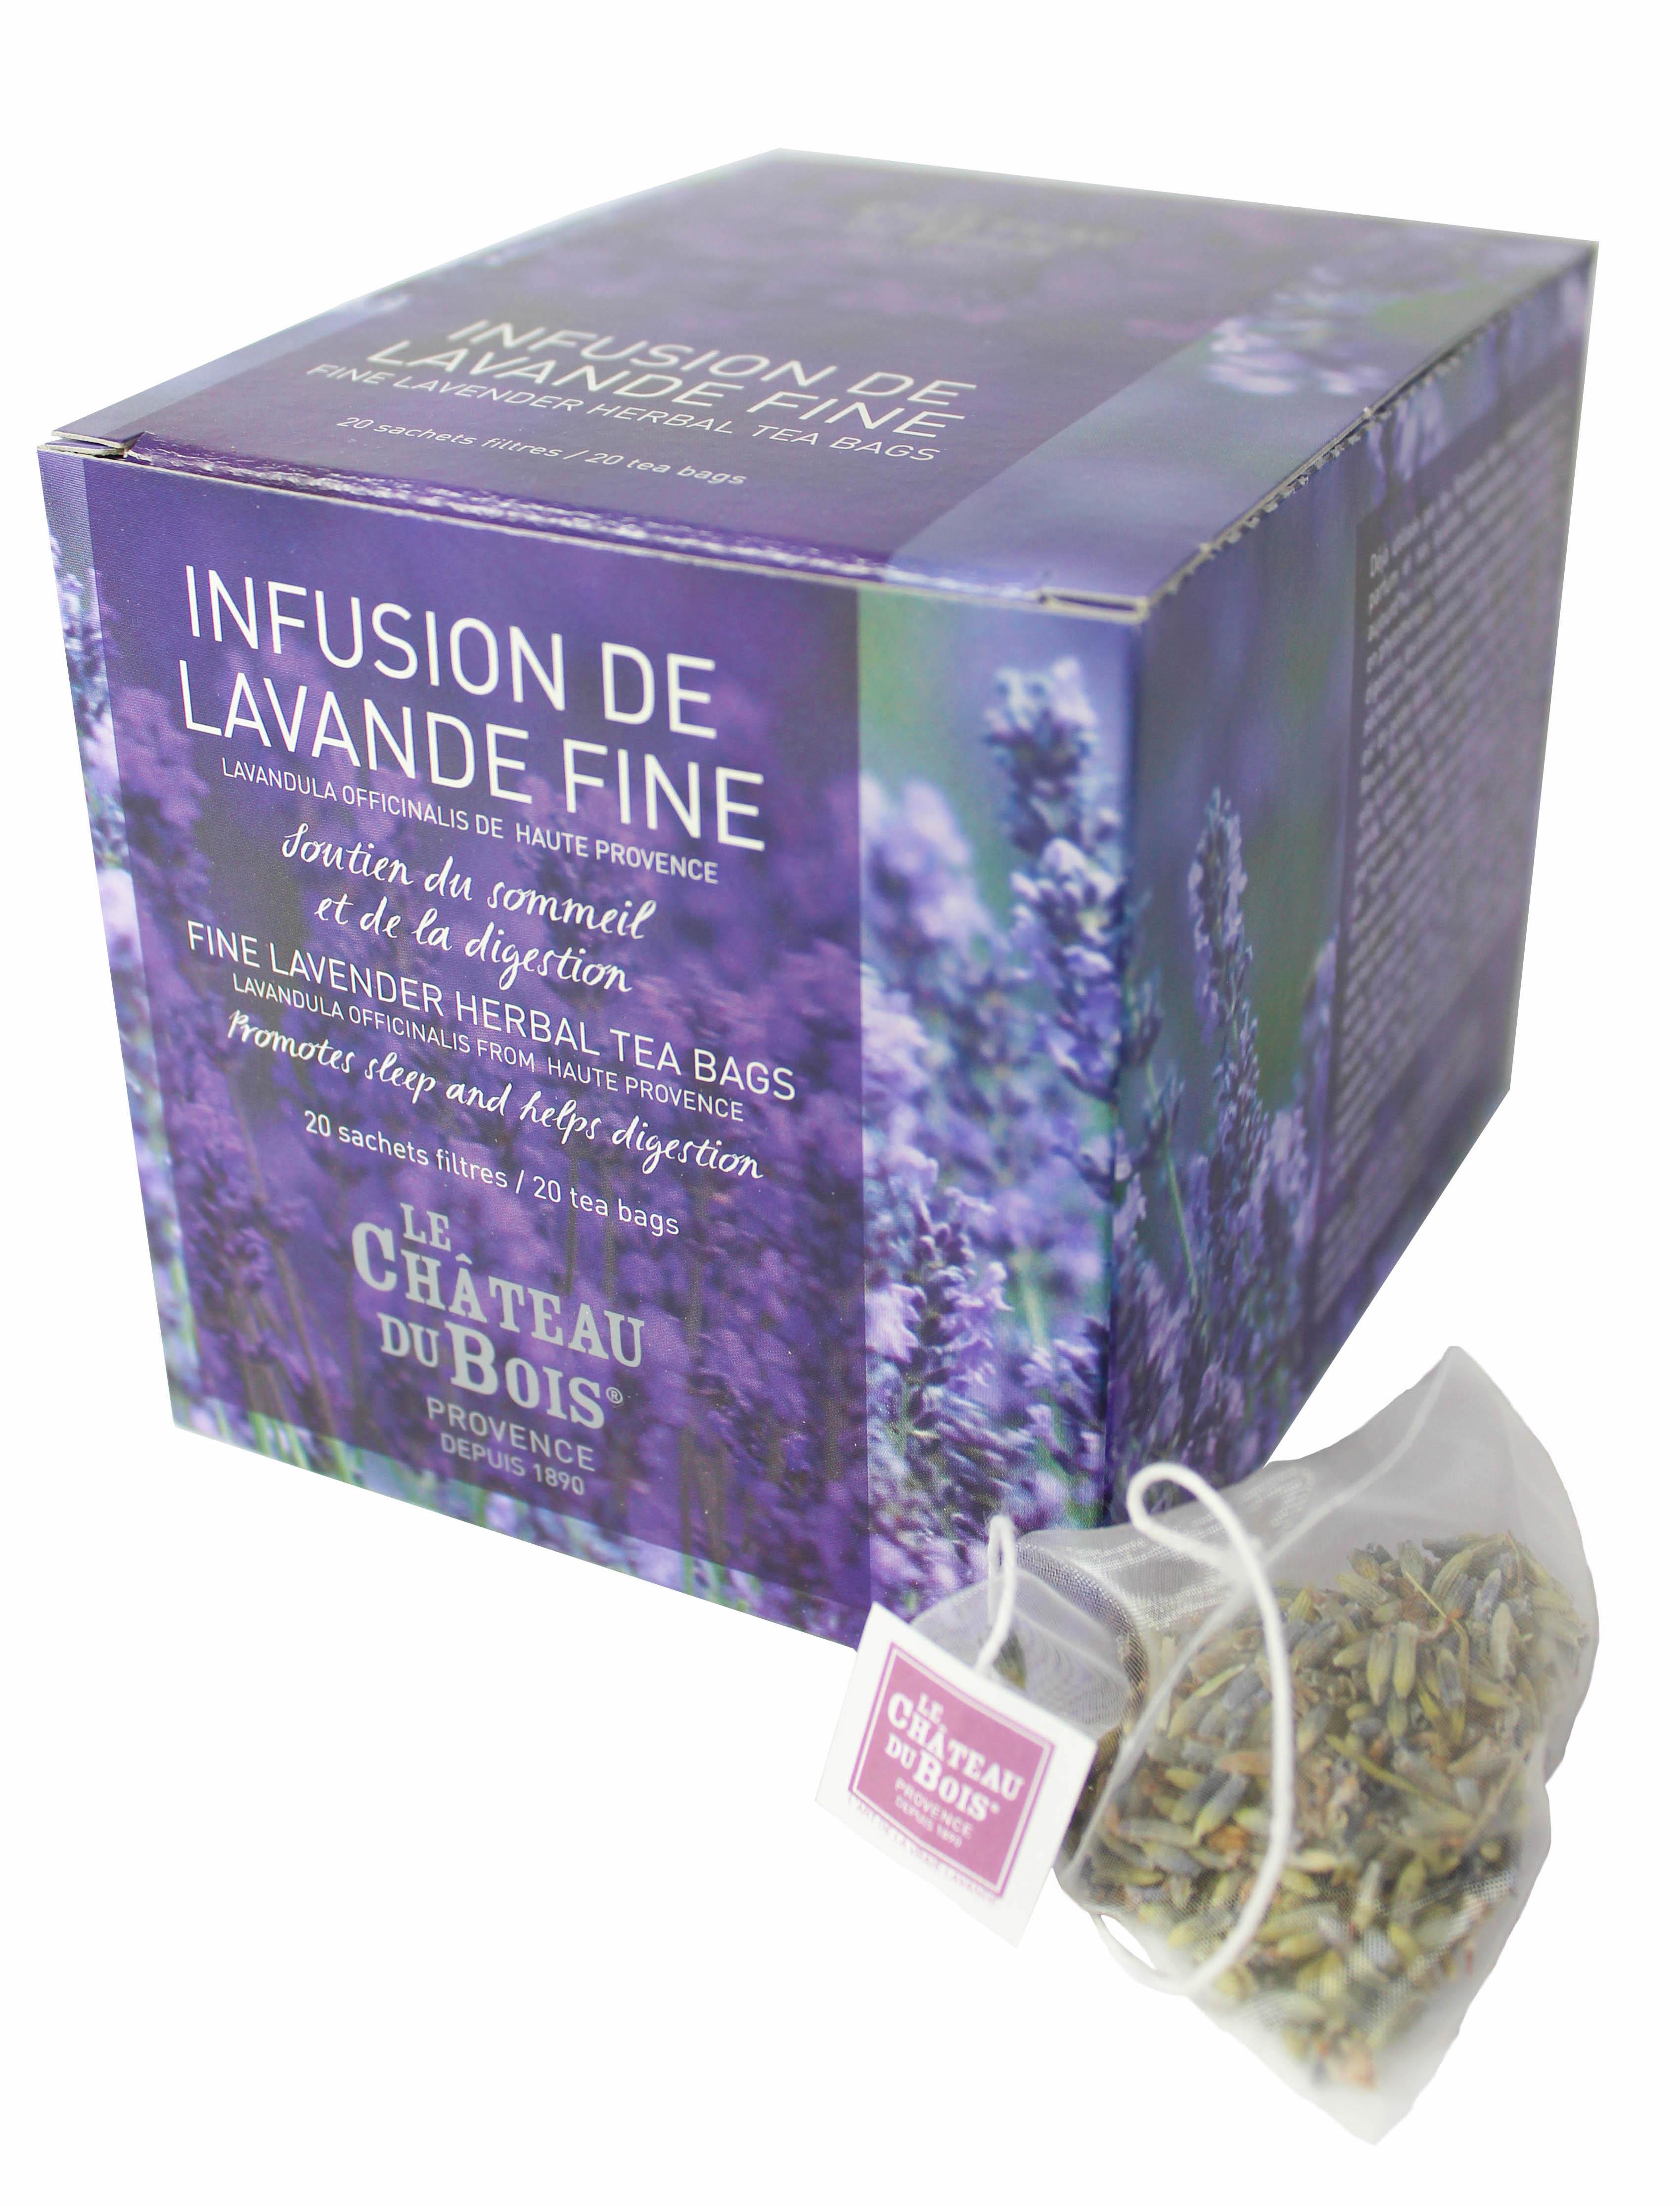 Infusion De Lavande Fine Boite De 20 Infusettes